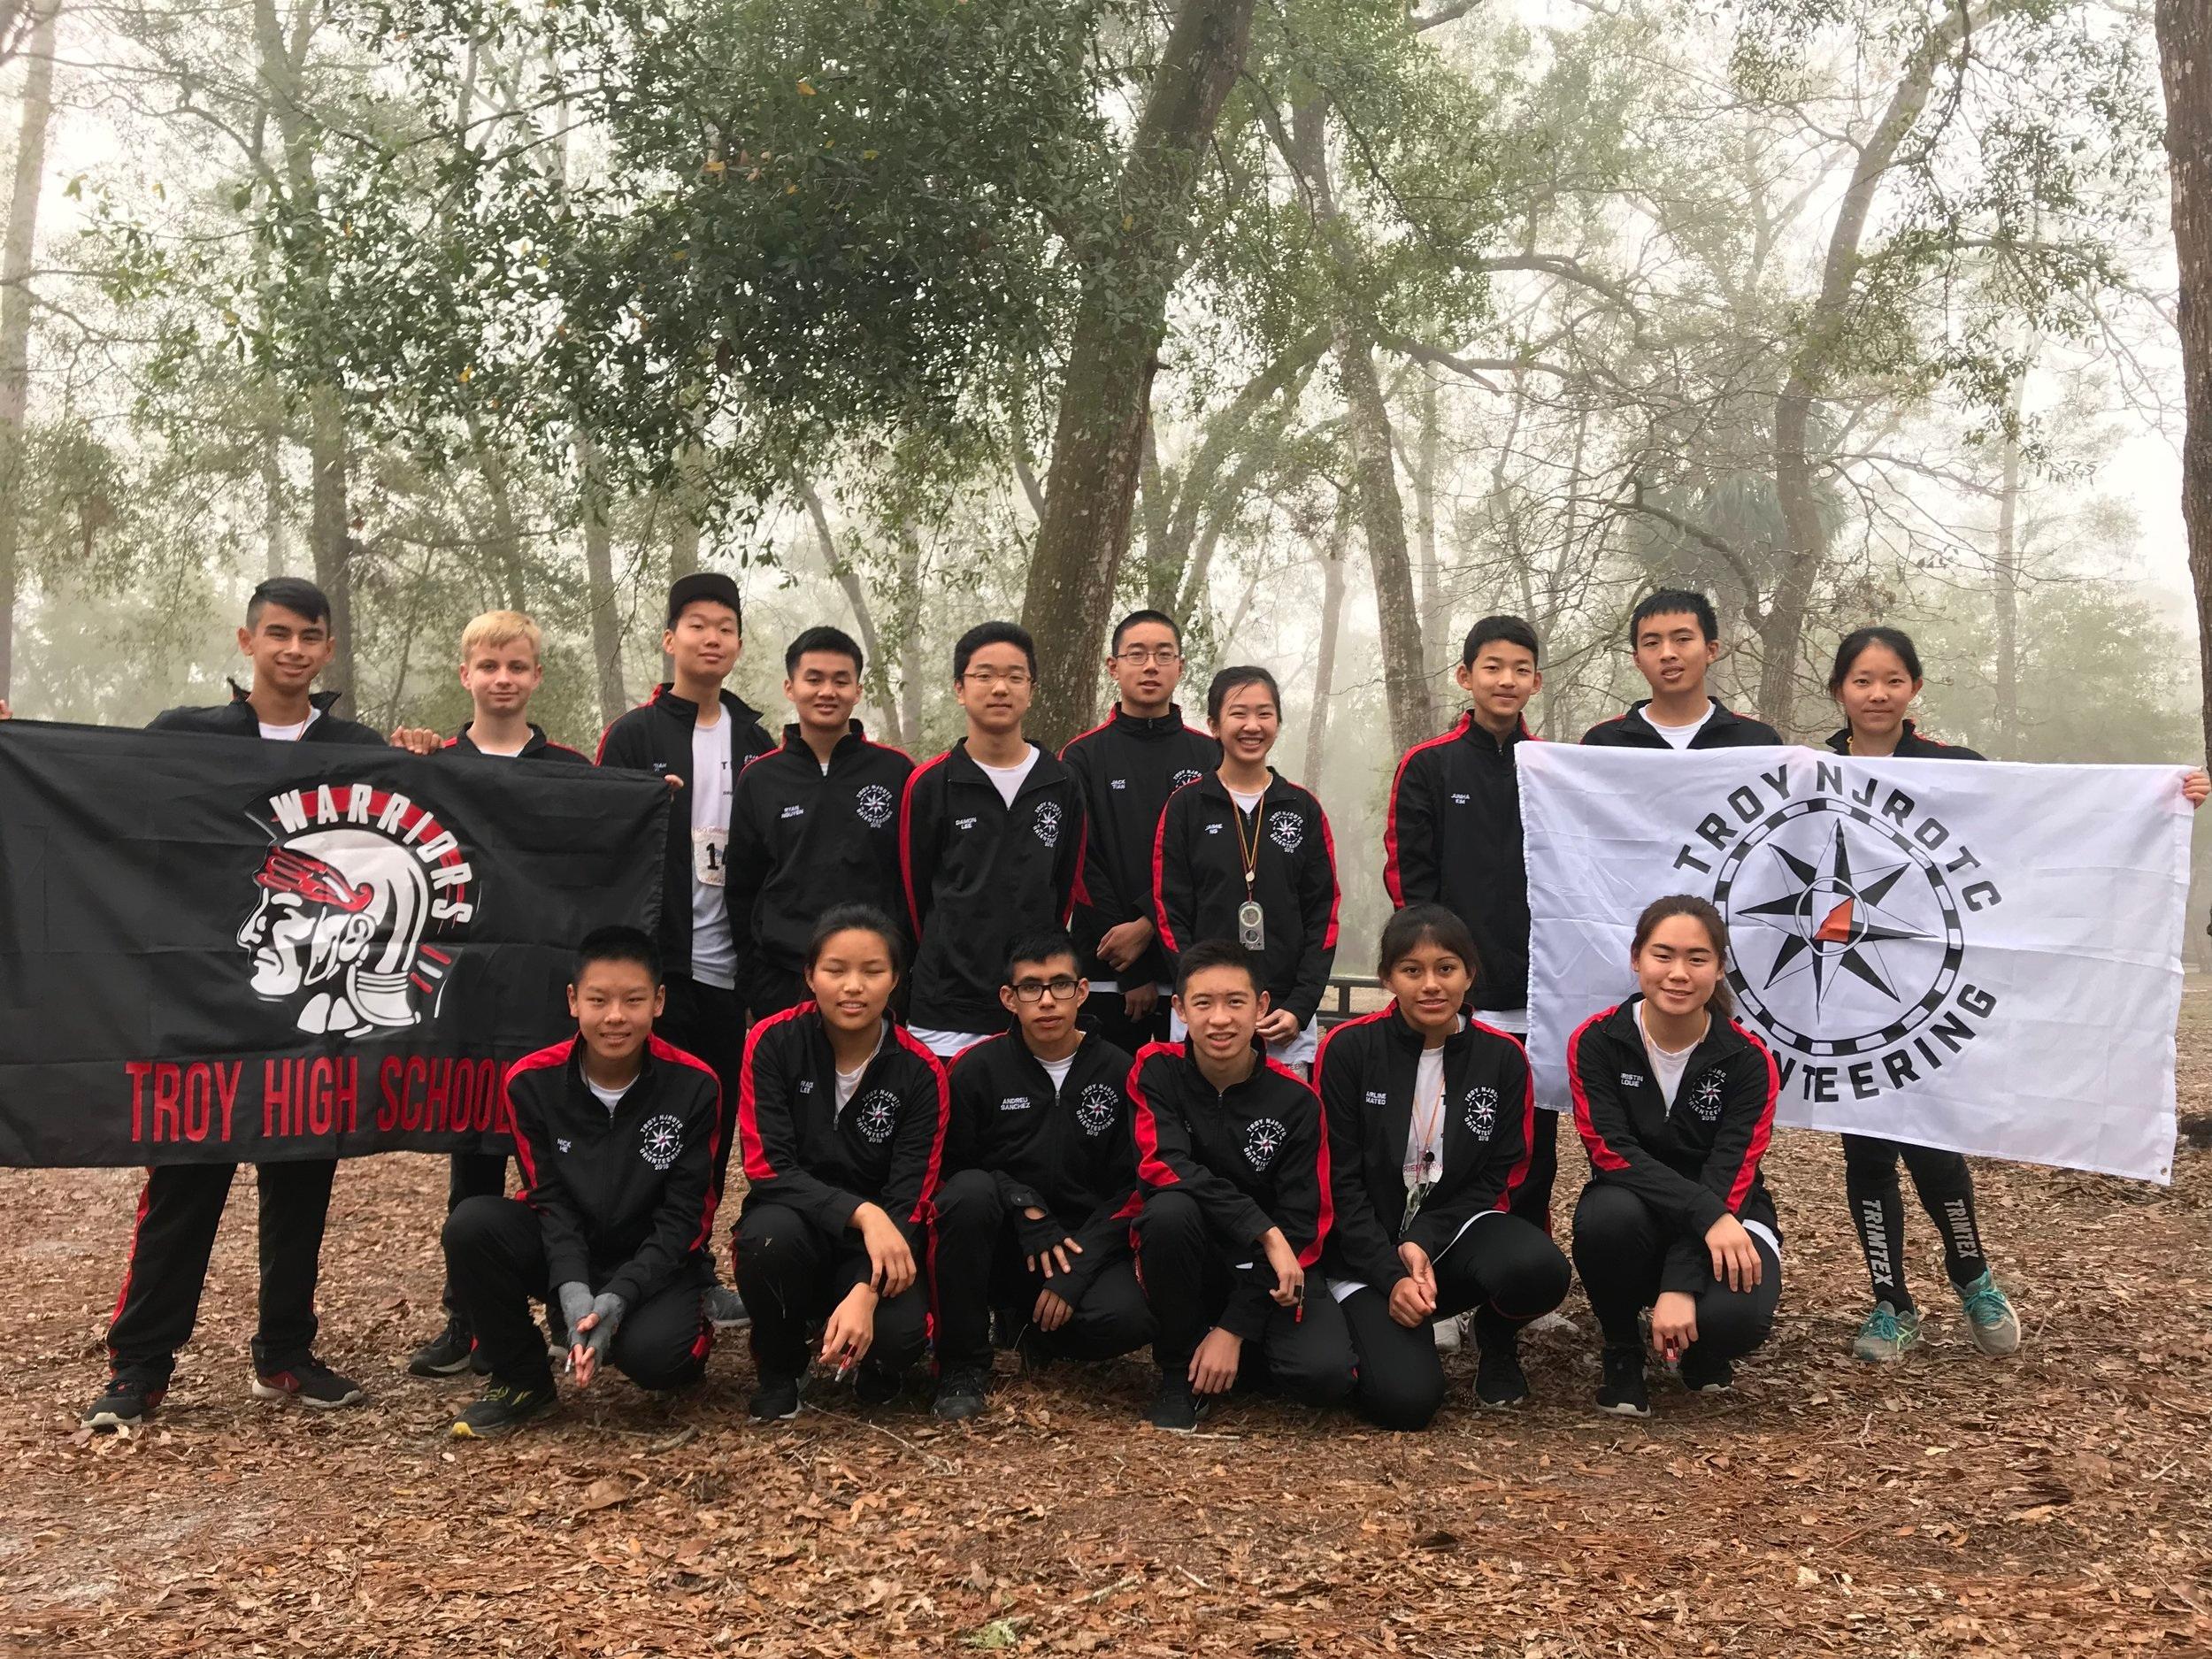 2018 Orienteering Nationals